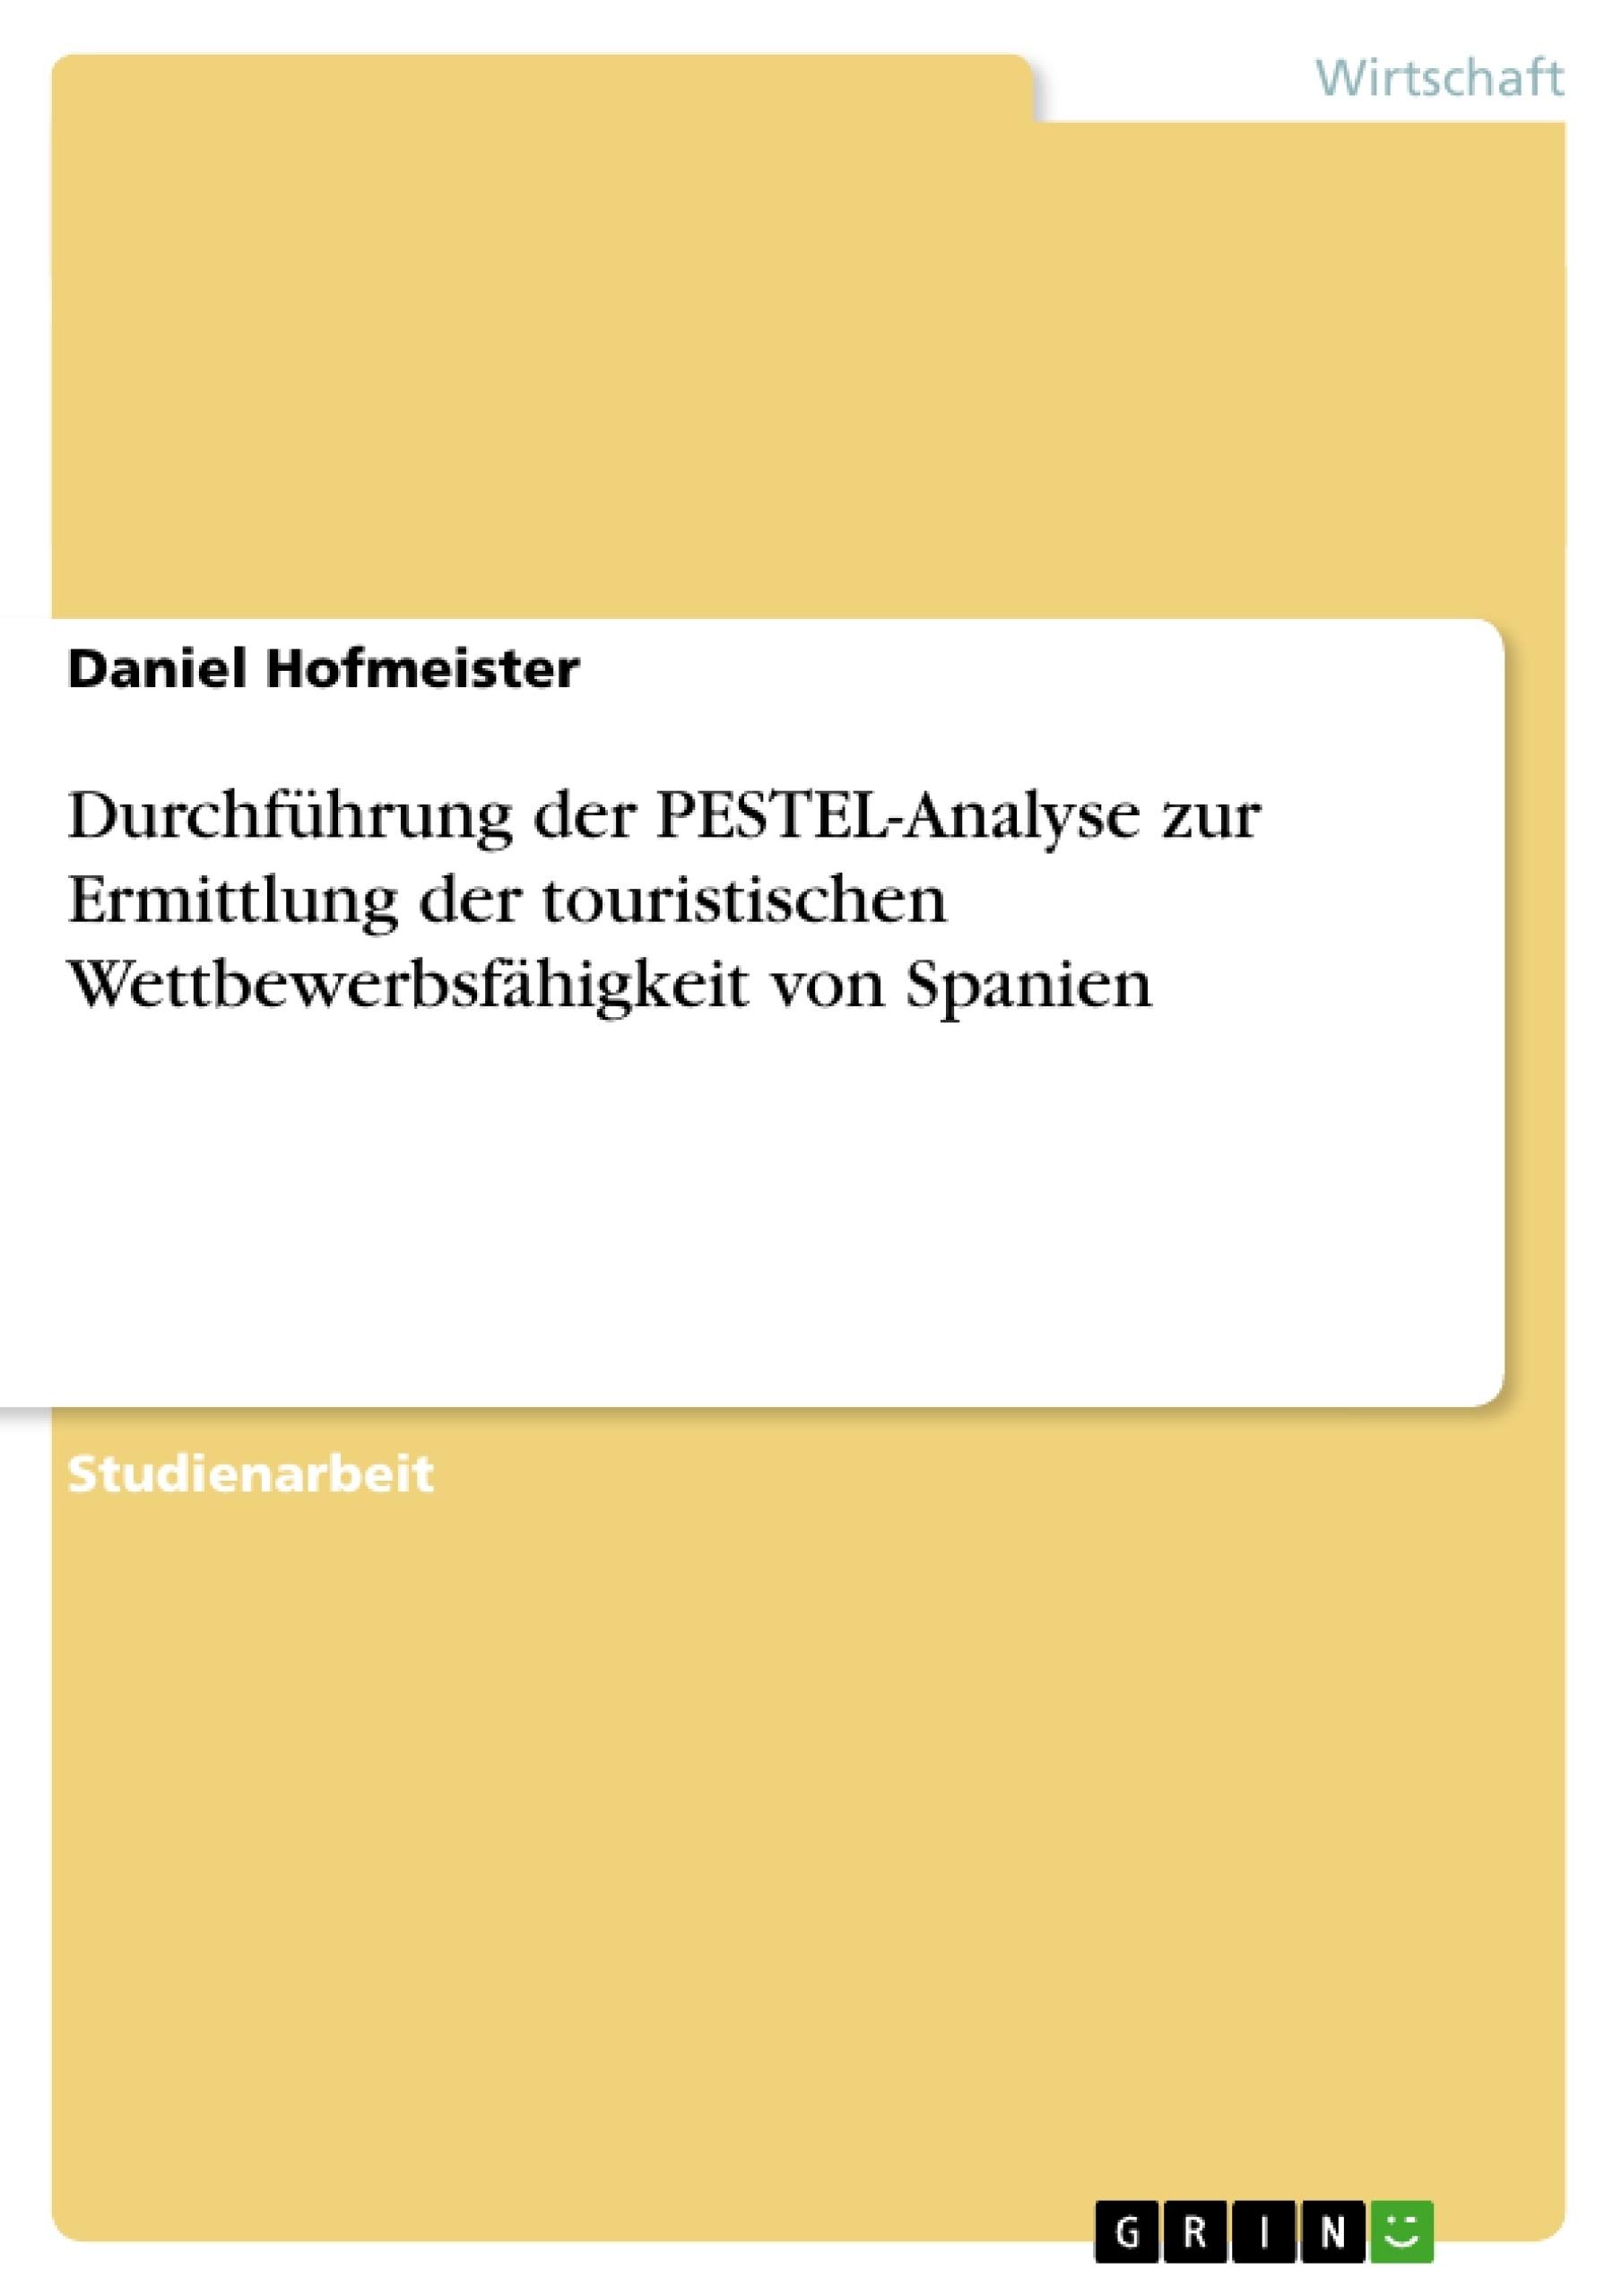 Titel: Durchführung der PESTEL-Analyse zur Ermittlung der touristischen Wettbewerbsfähigkeit von Spanien